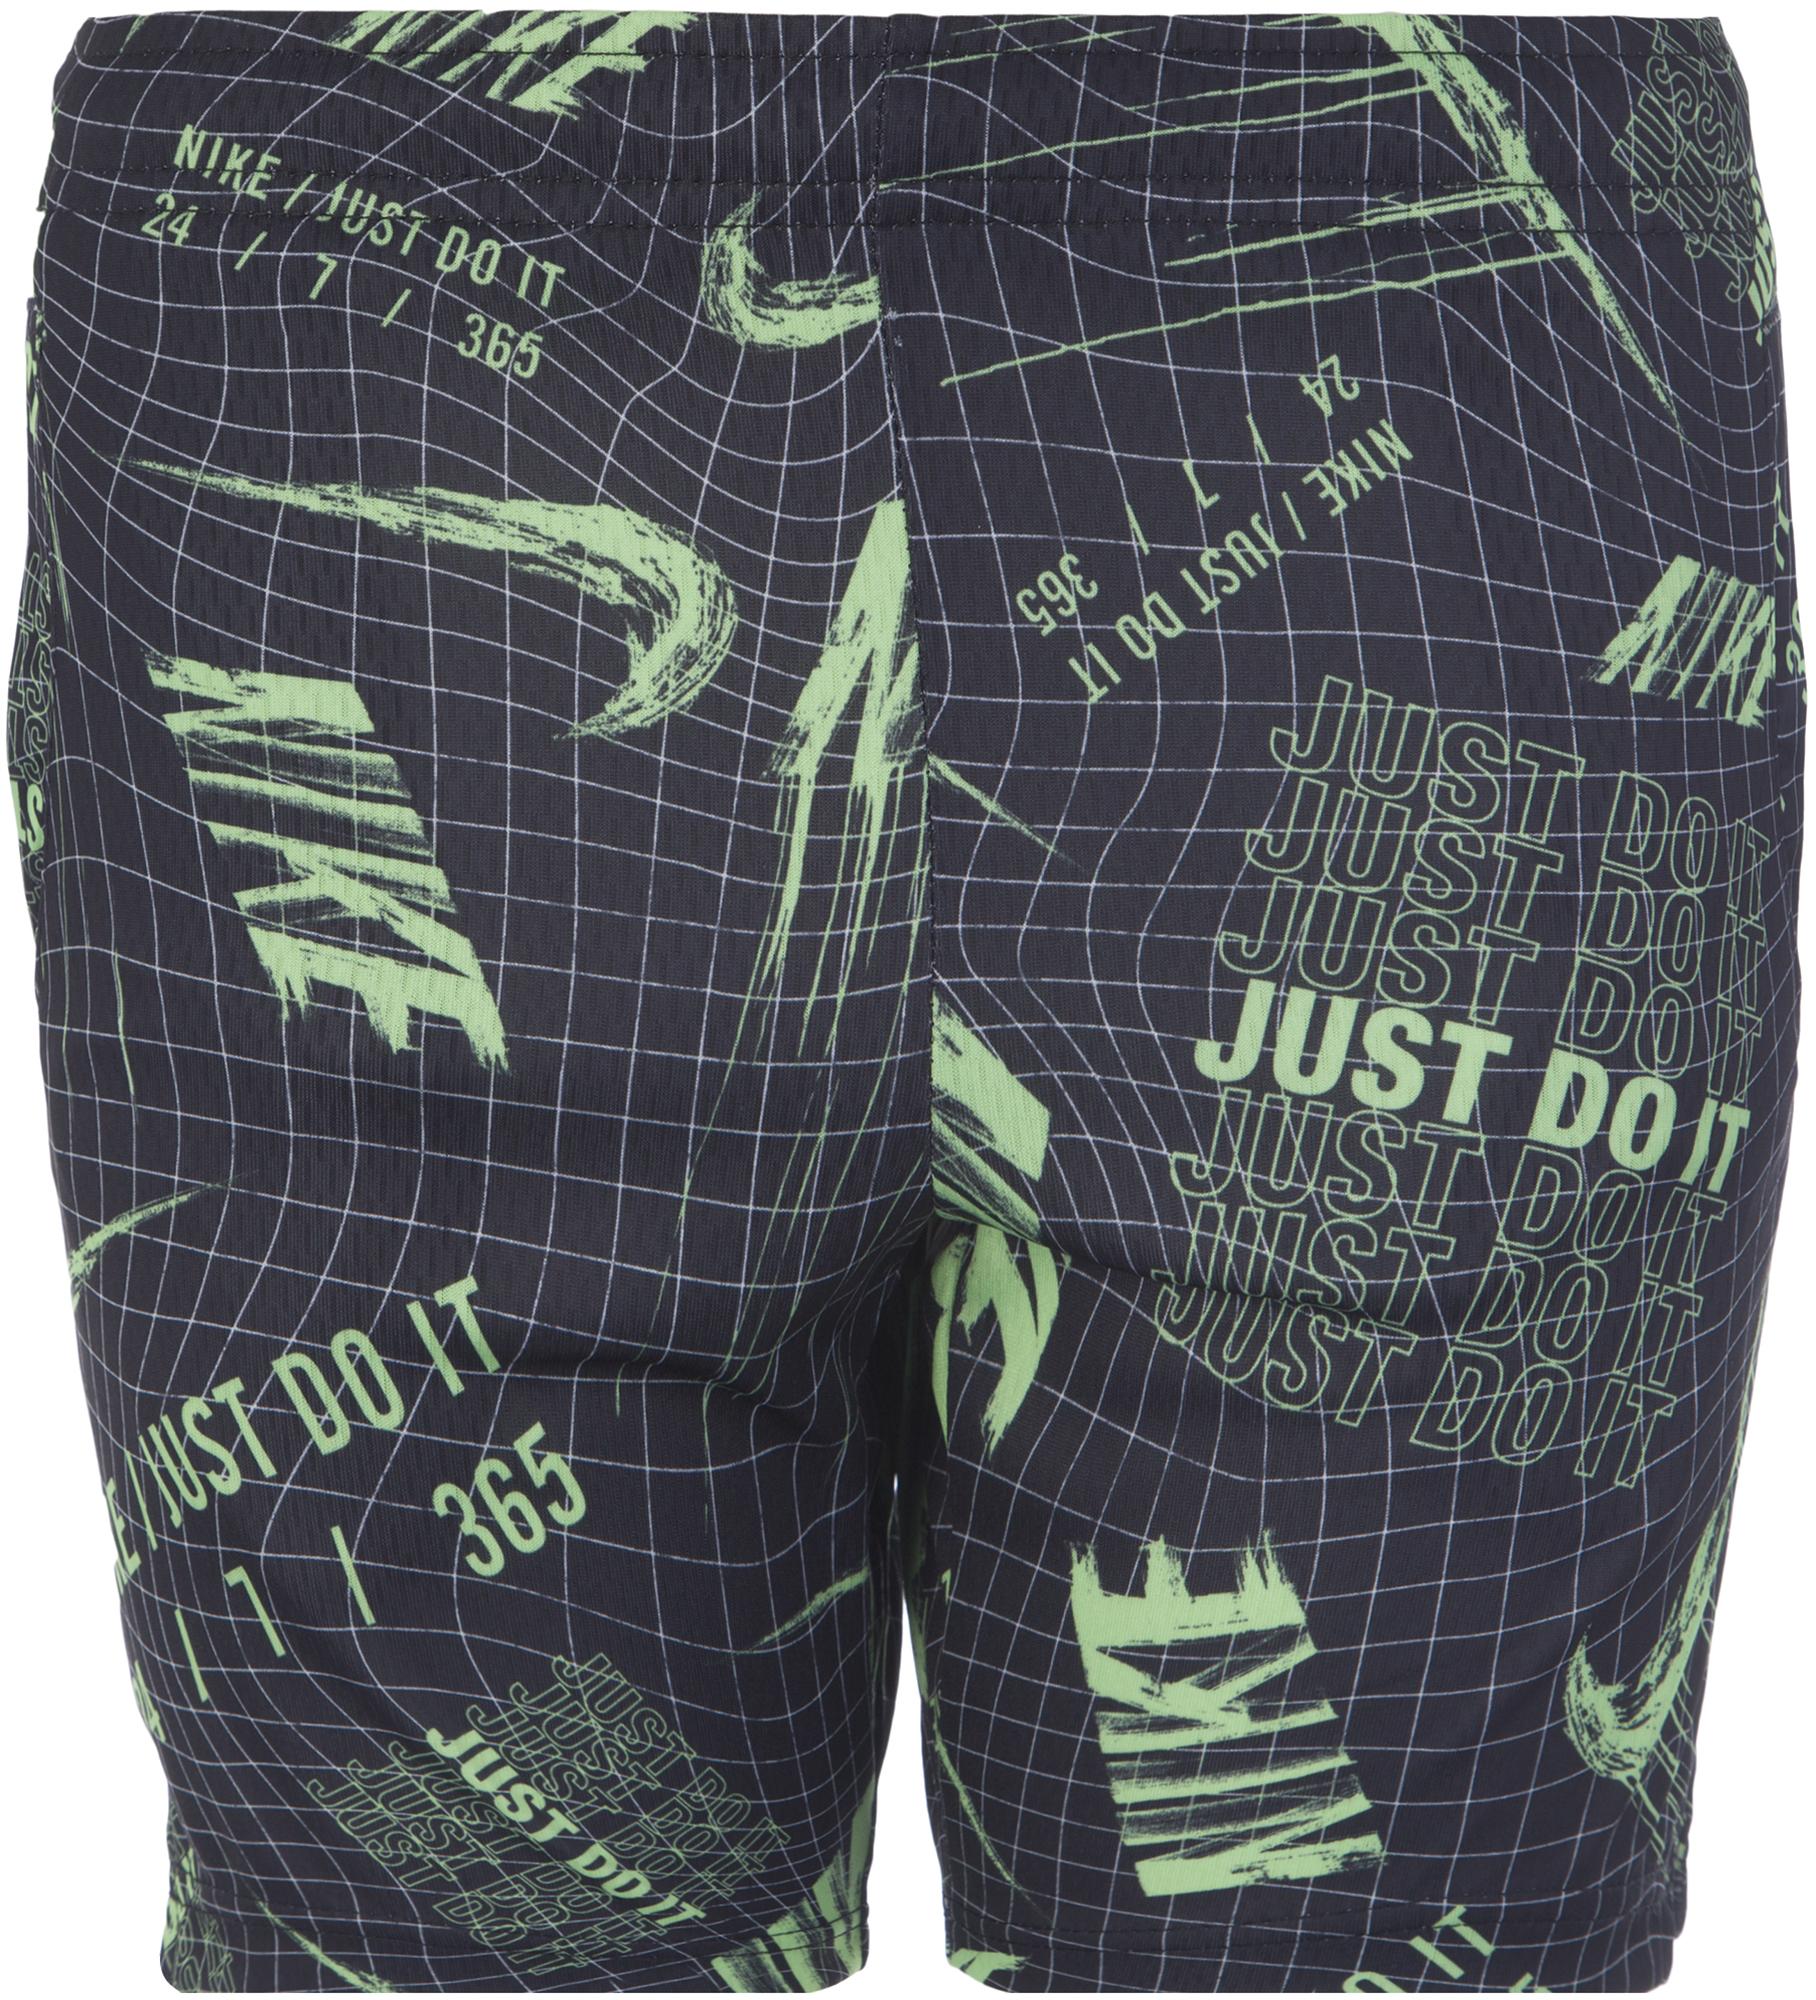 Nike Шорты для мальчиков Nike, размер 122 nike шорты для мальчиков nike performance размер 122